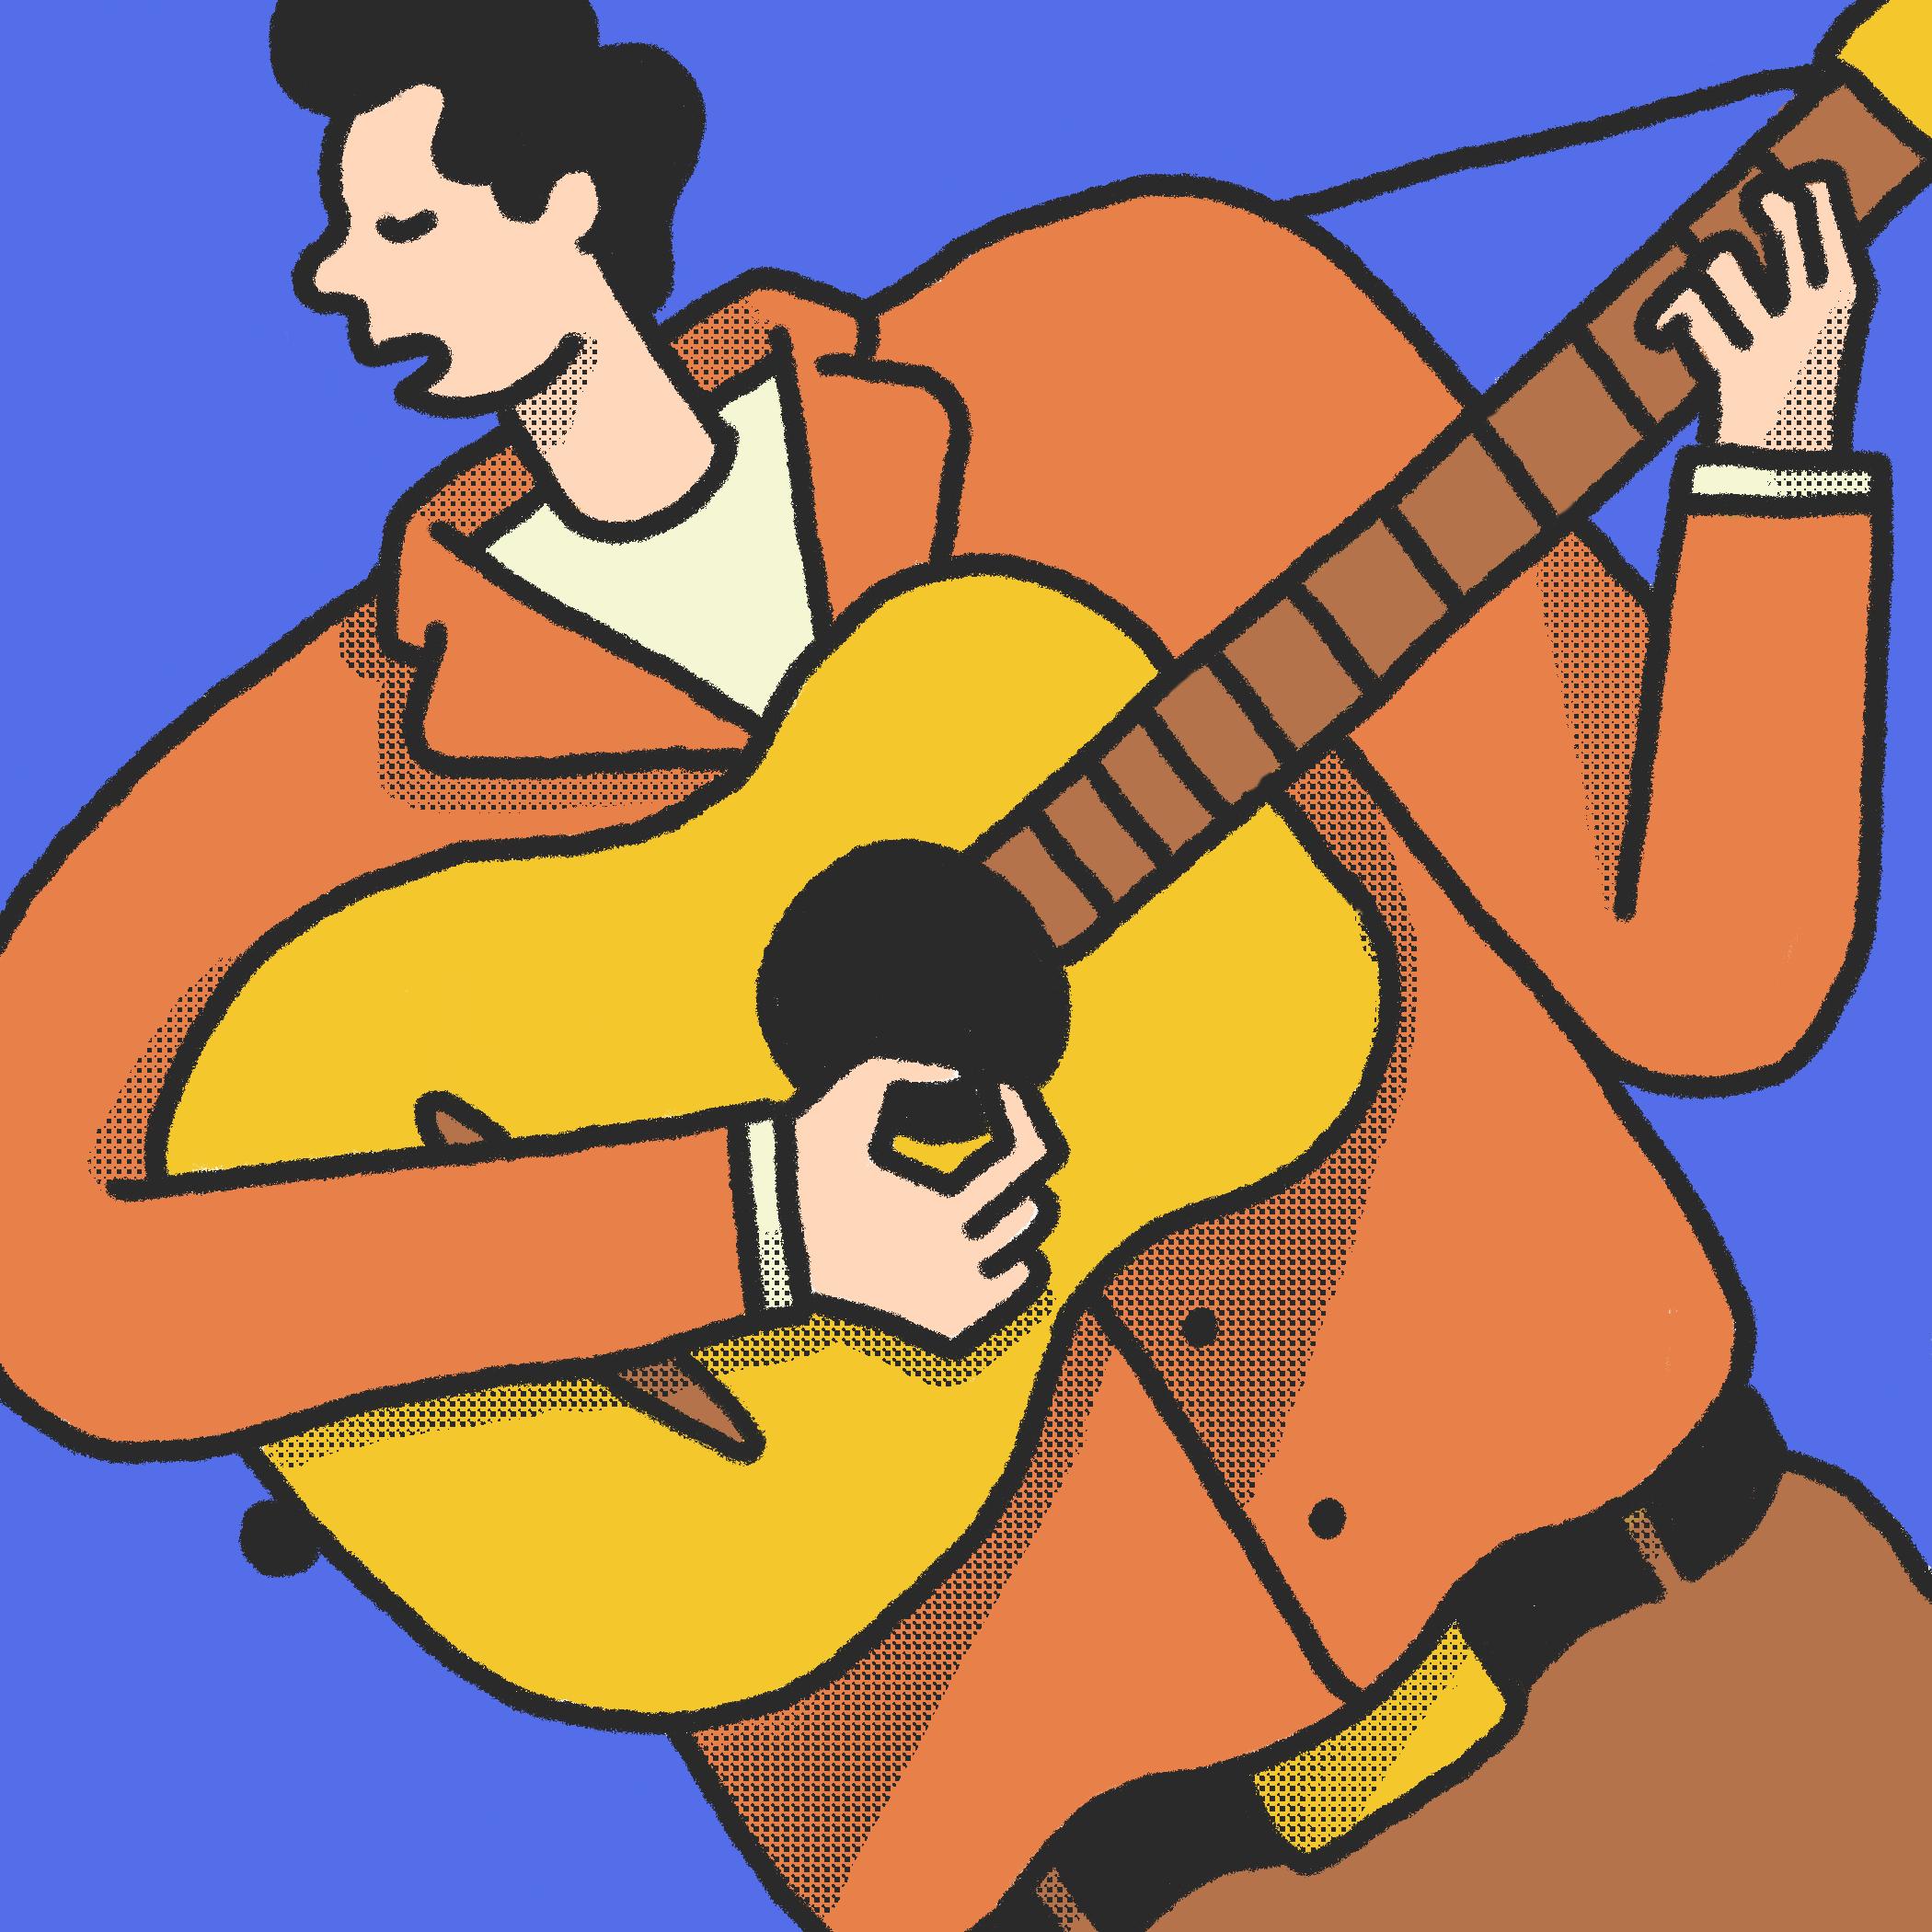 guitar-man.png